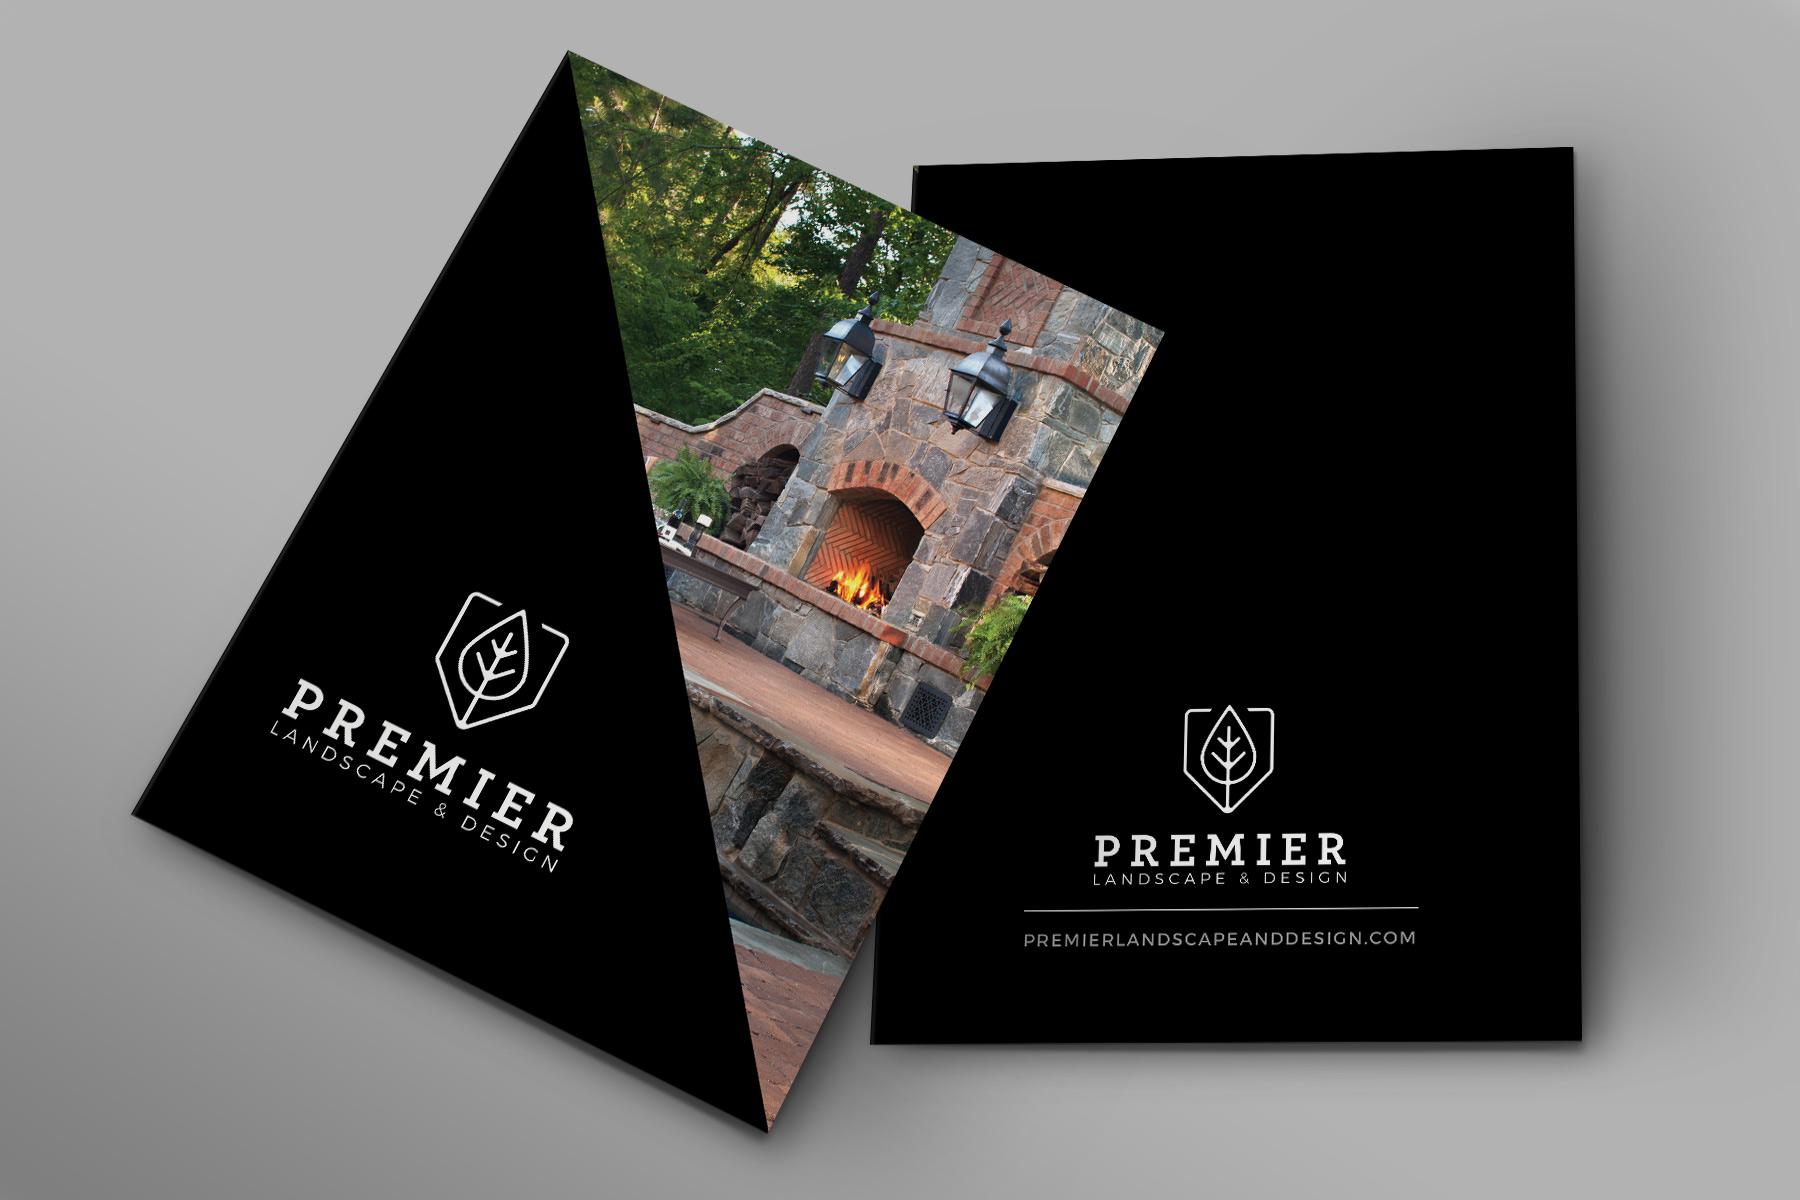 Premier Landscape & Design - Presentation Folder Design